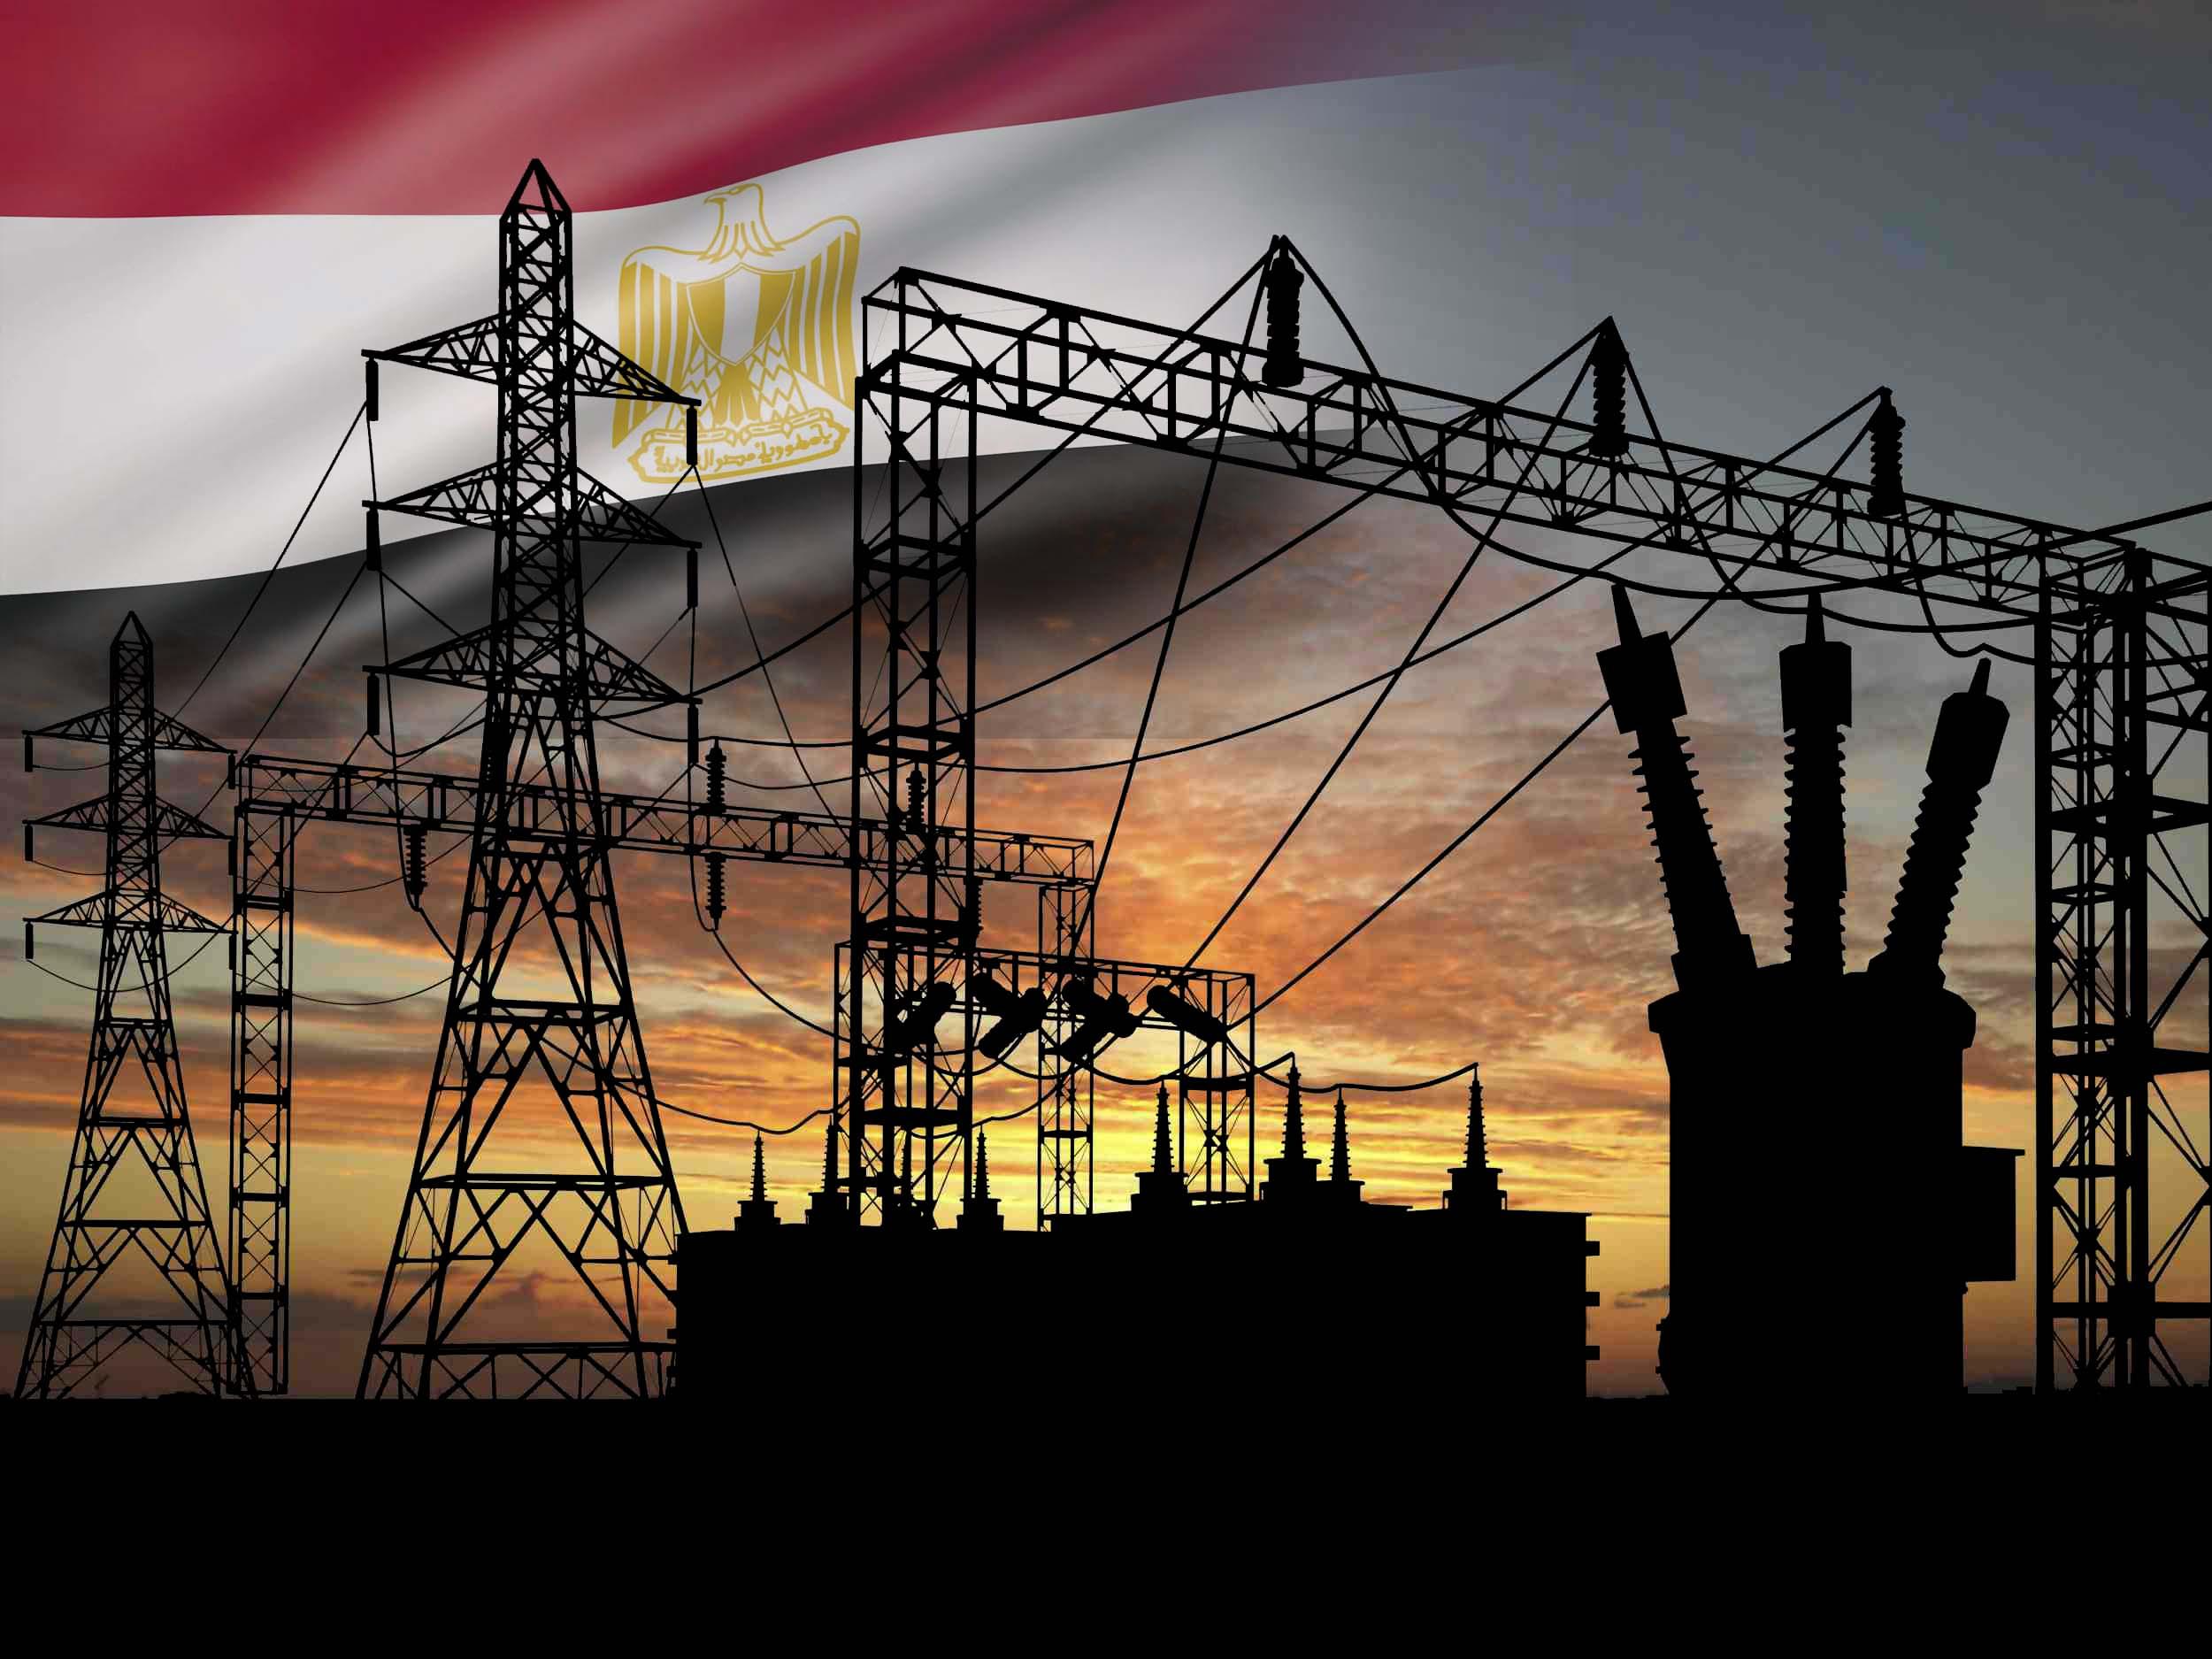 شبكات إمداد للكهرباء في مصر - العواصف الترابية